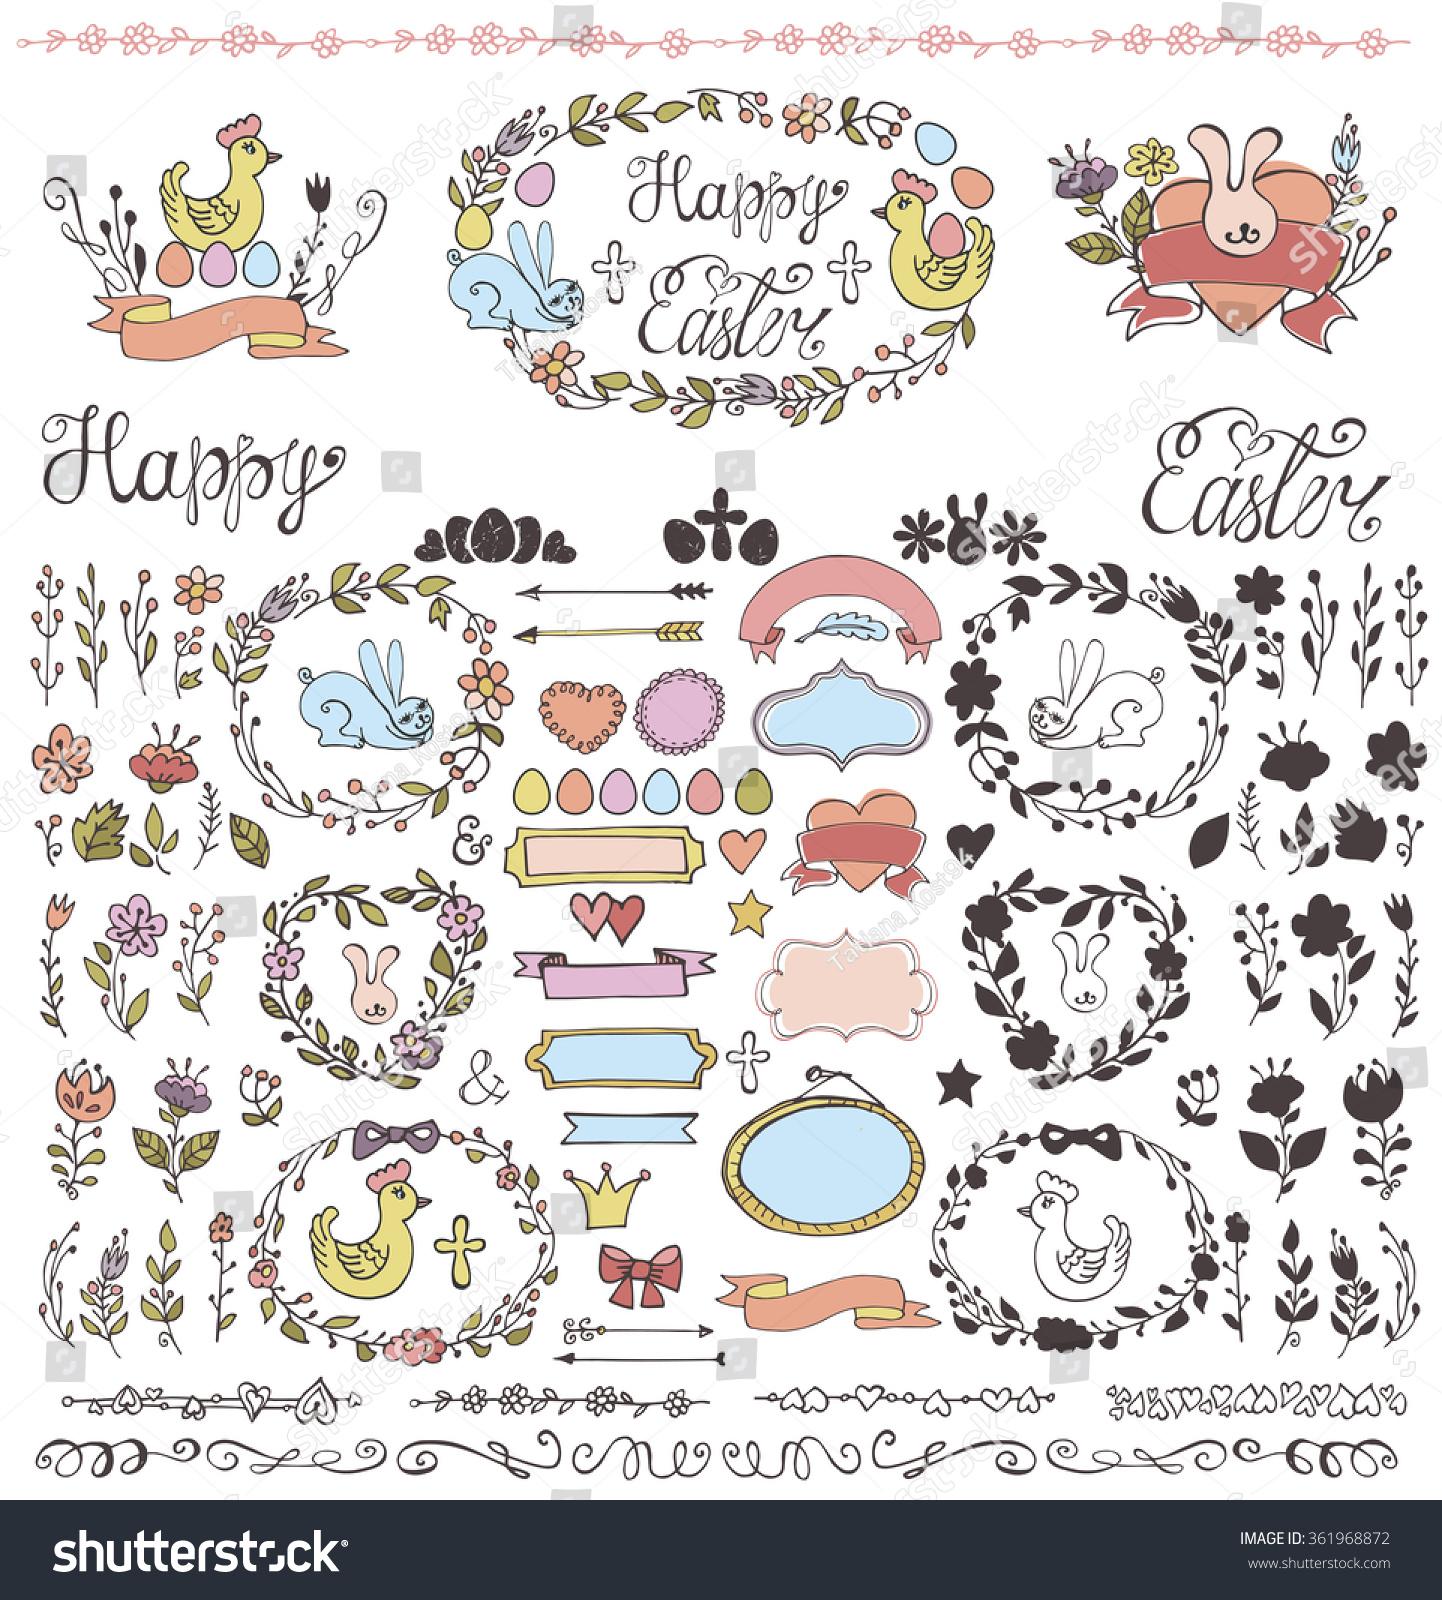 royalty free easter decoration set doodles flower u2026 361968872